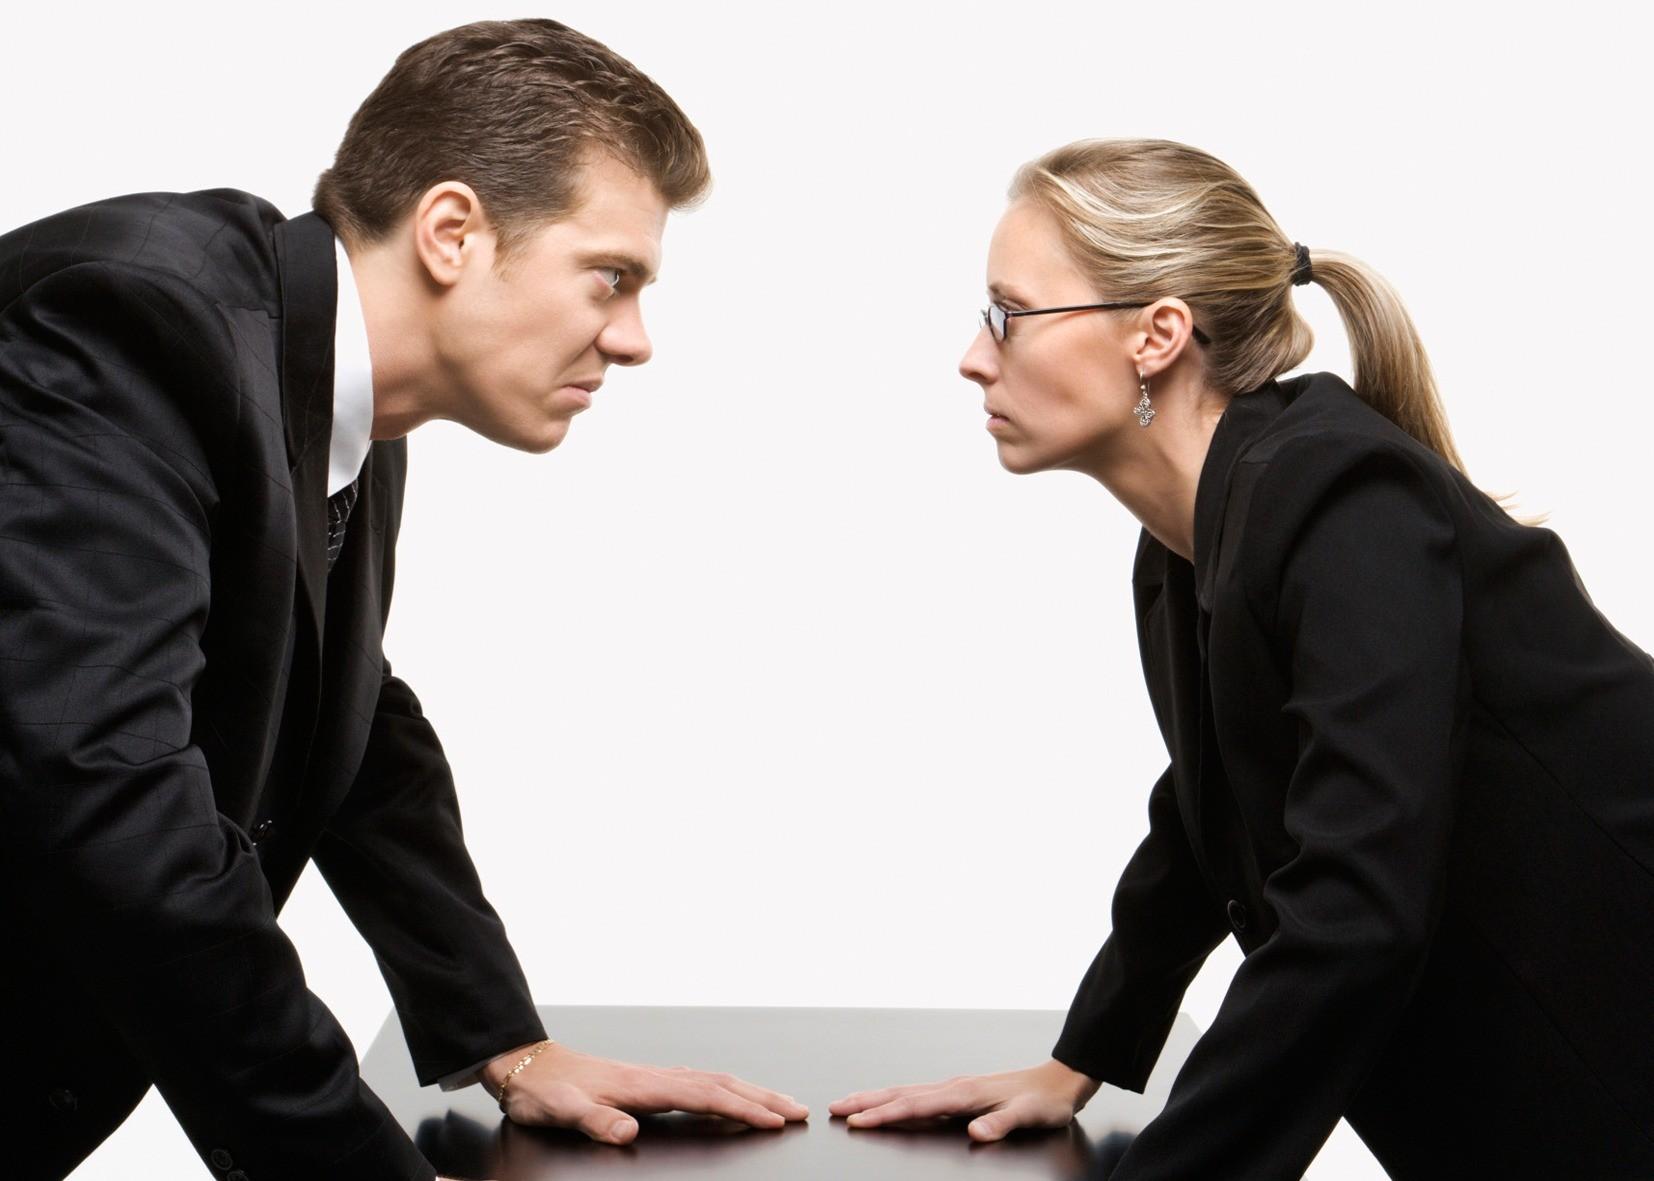 Мужчина и женщина конфликт